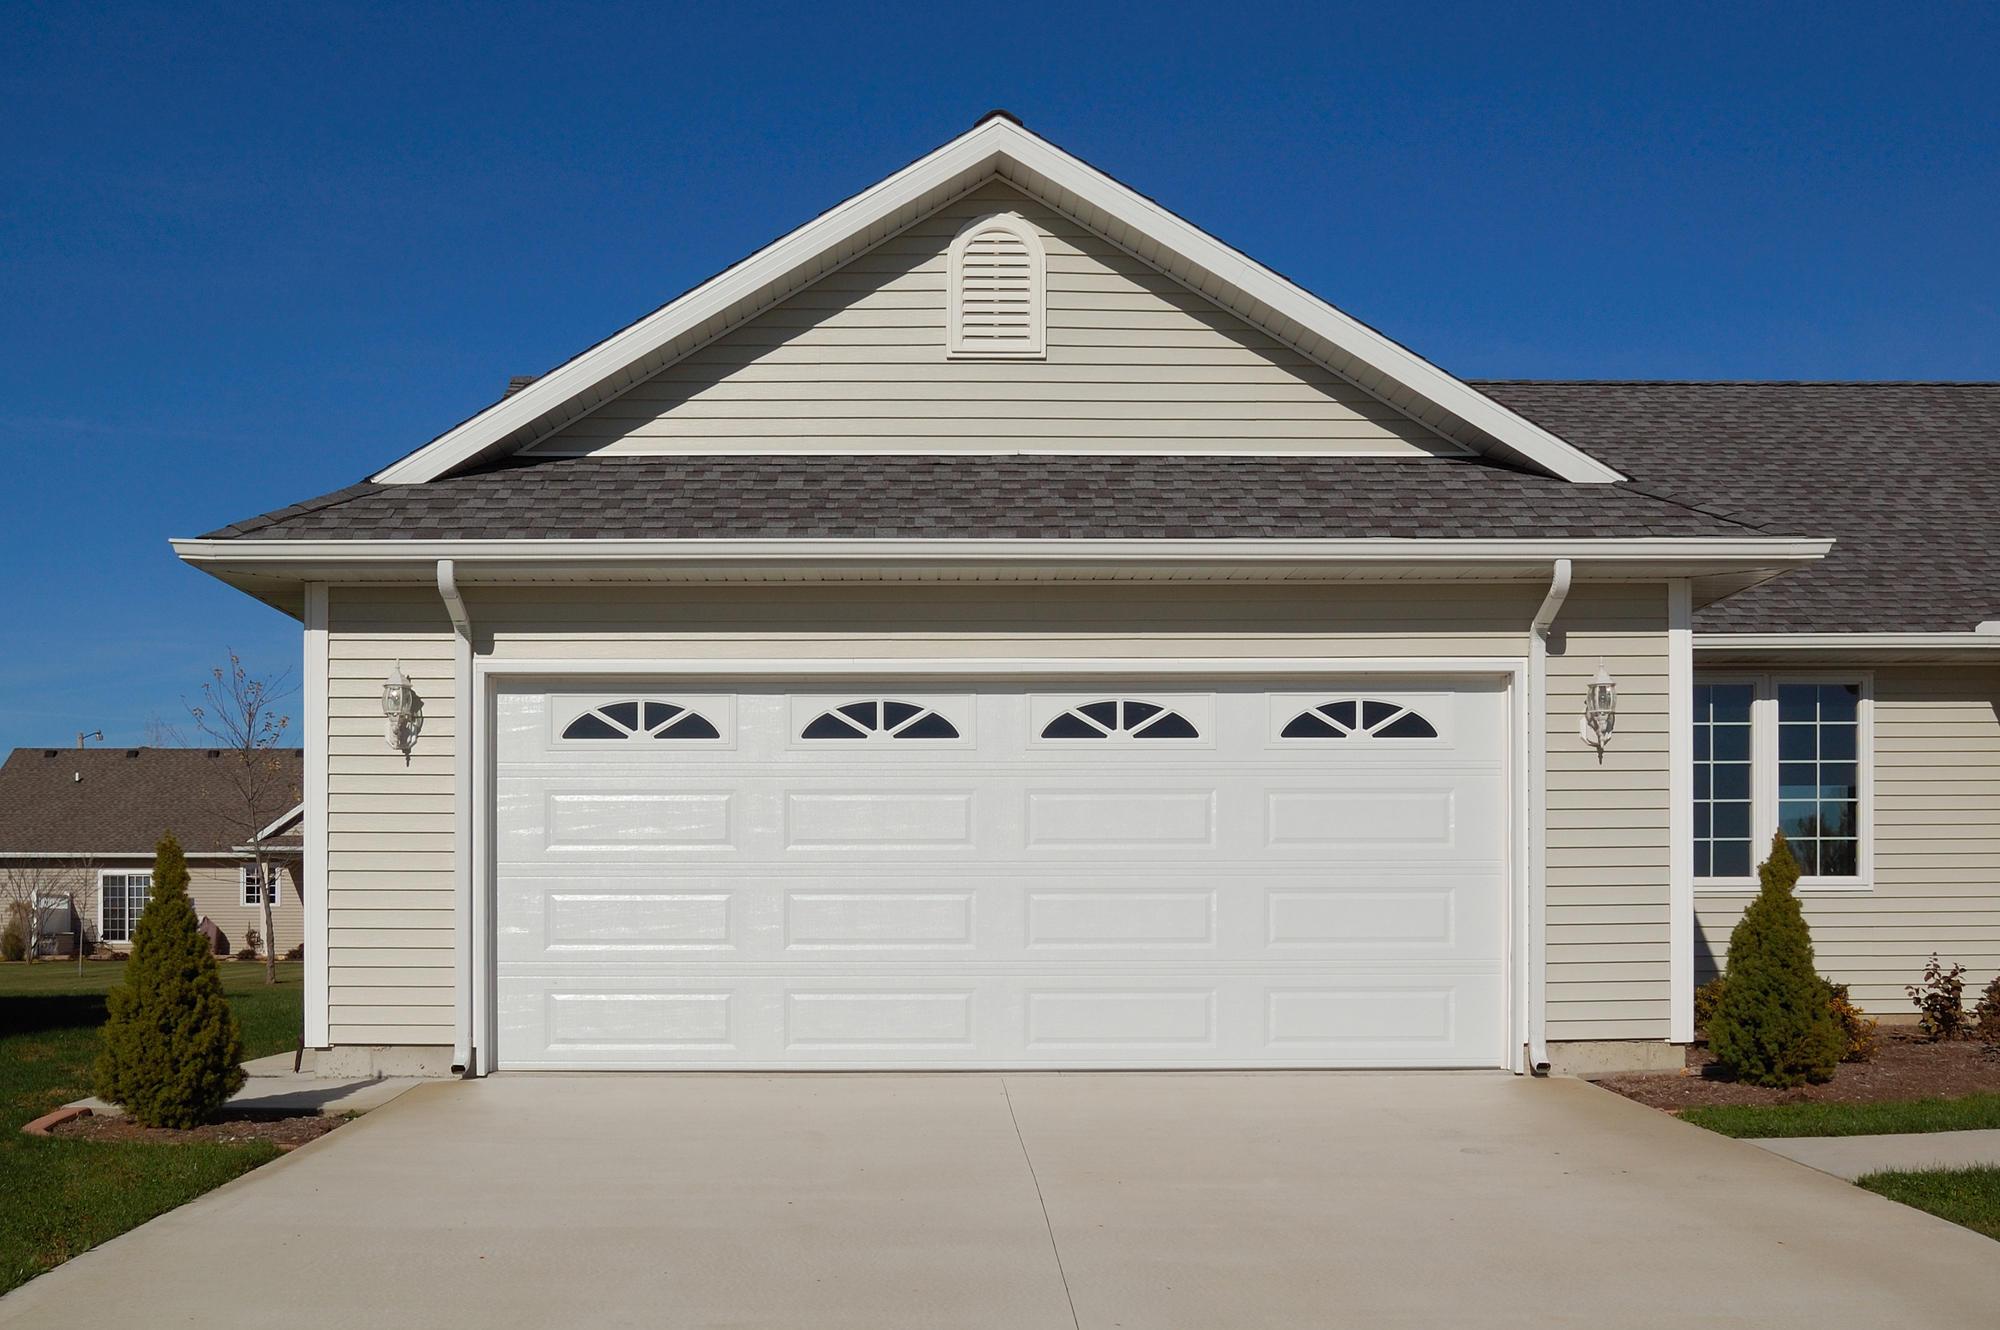 B.A. Garage Doors